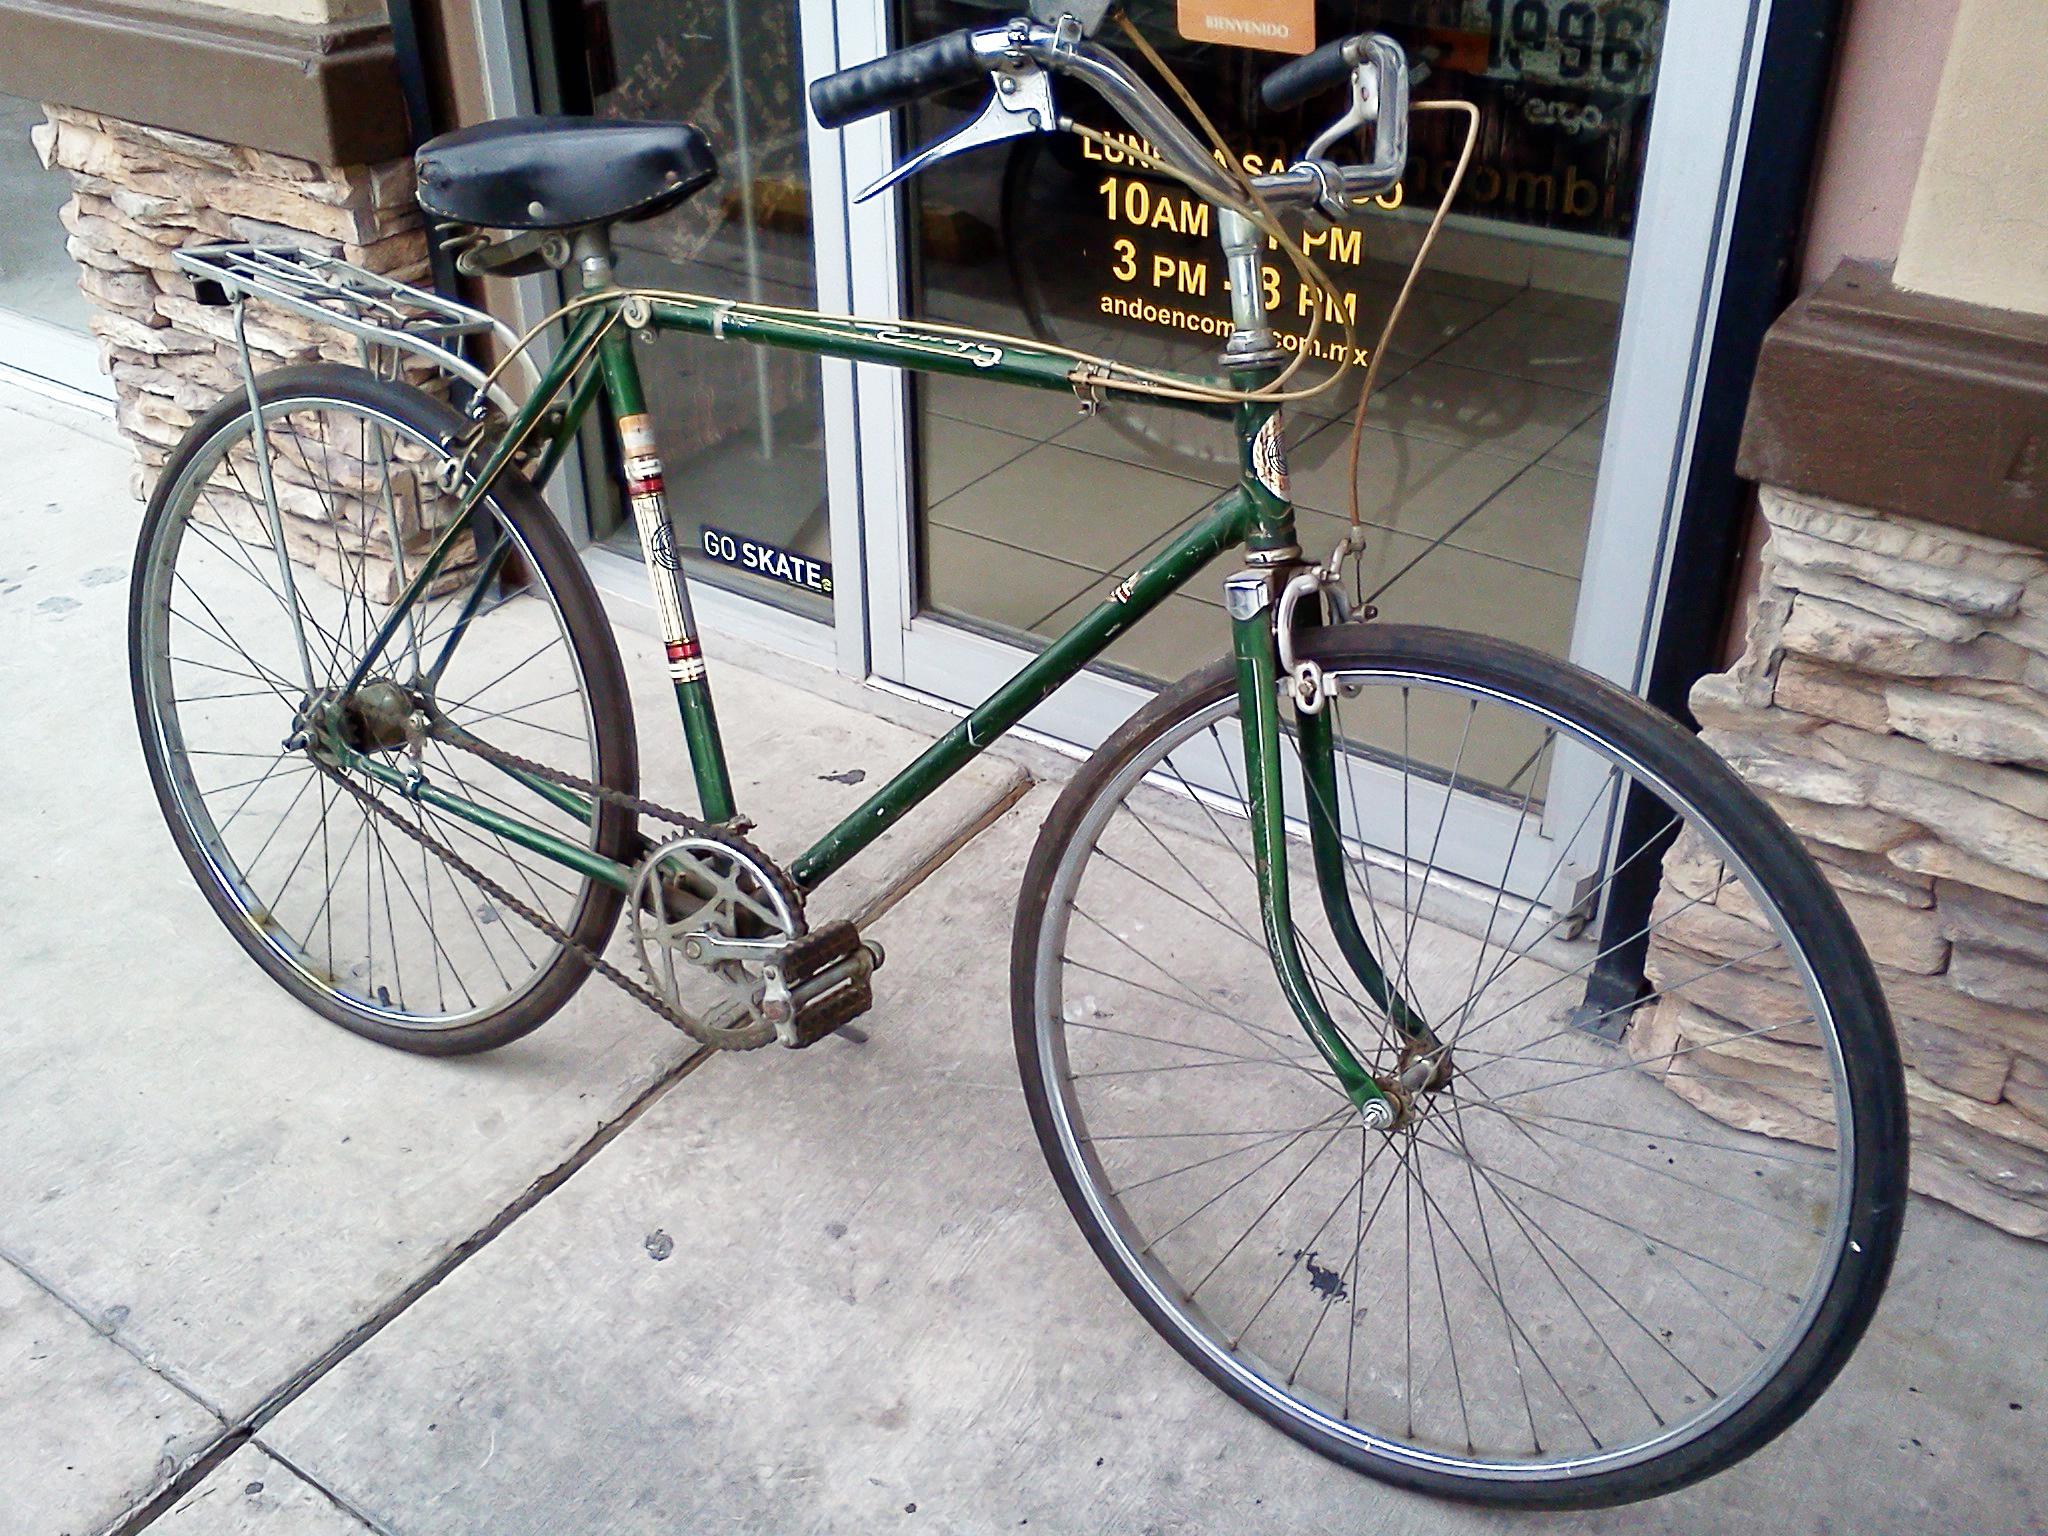 Recambios y Piezas para Bicicletas - Proveedorescom